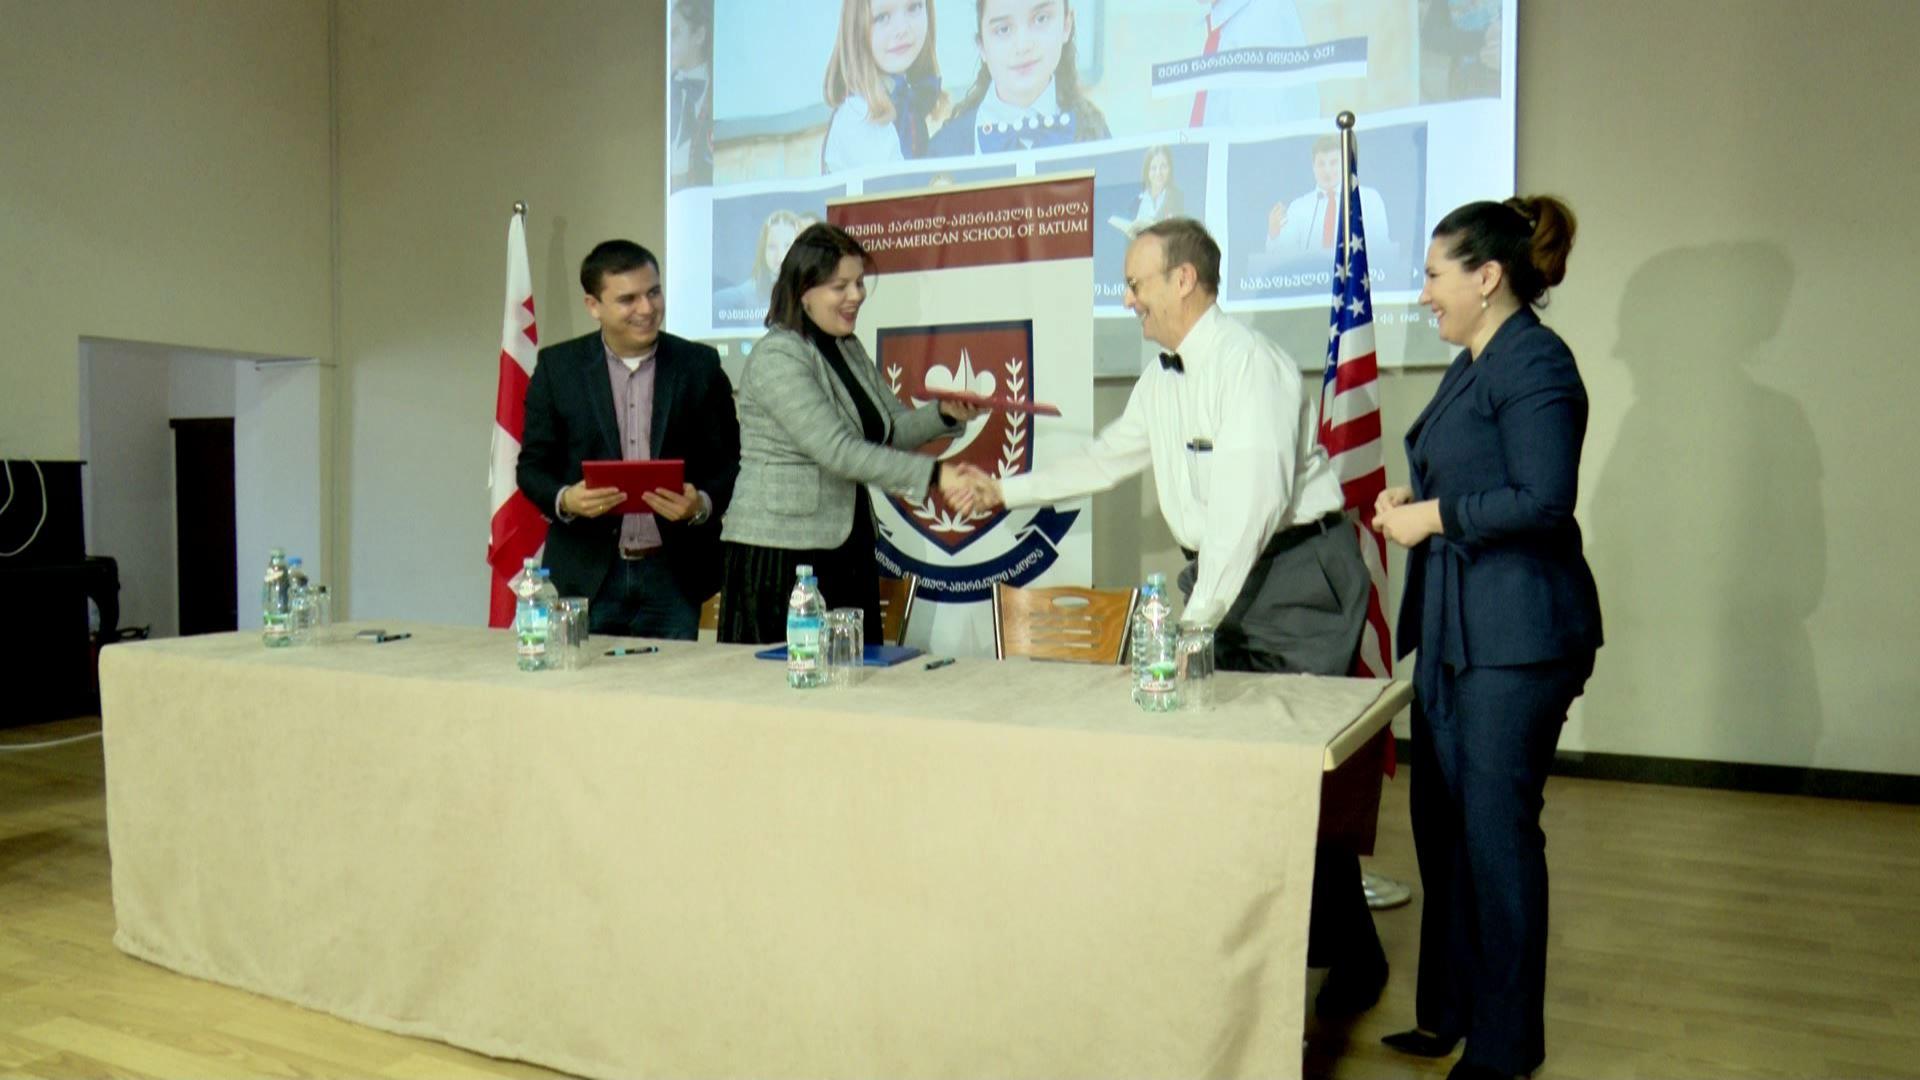 გაეროს საერთაშორისო კონფერენციაში ბათუმელი მოსწავლეები ჩაერთვებიან